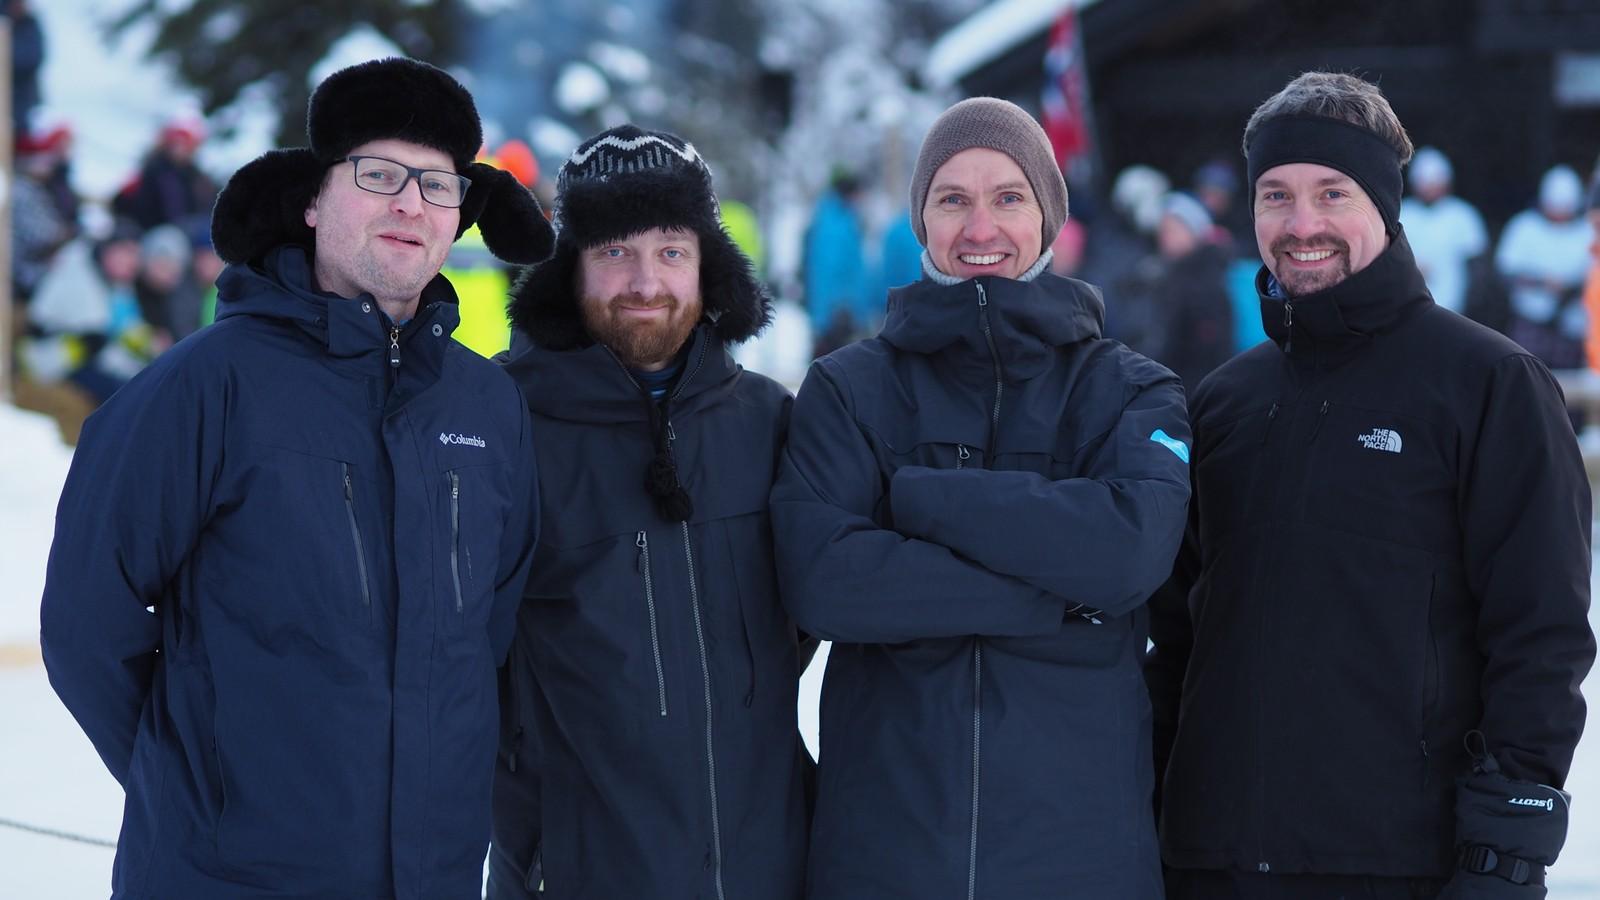 NRK Hedmark og Oppland stiller også lag, og kaller seg Norsk Rikskringkosting. Fra venstre: Erlend Kester Mo, Arne Sørenes, Ole Martin Ringlund og Roar Berntsen.